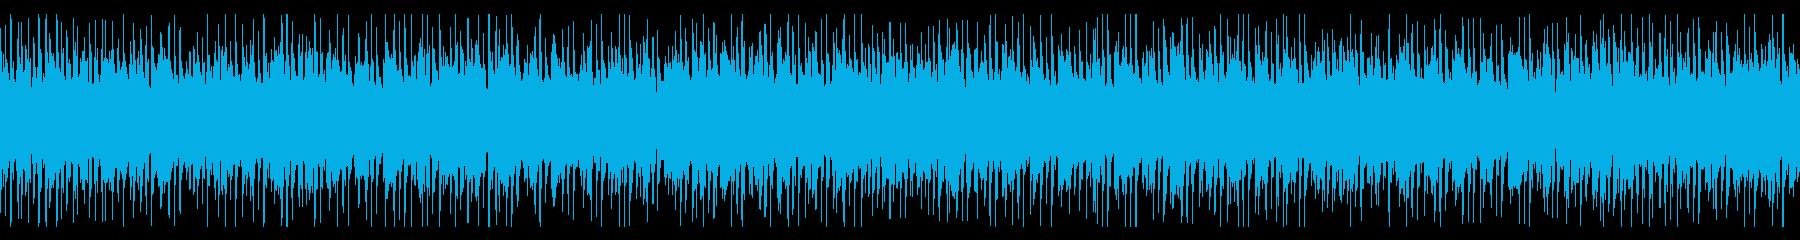 夏を感じる爽やかでクールなソウル/ロックの再生済みの波形